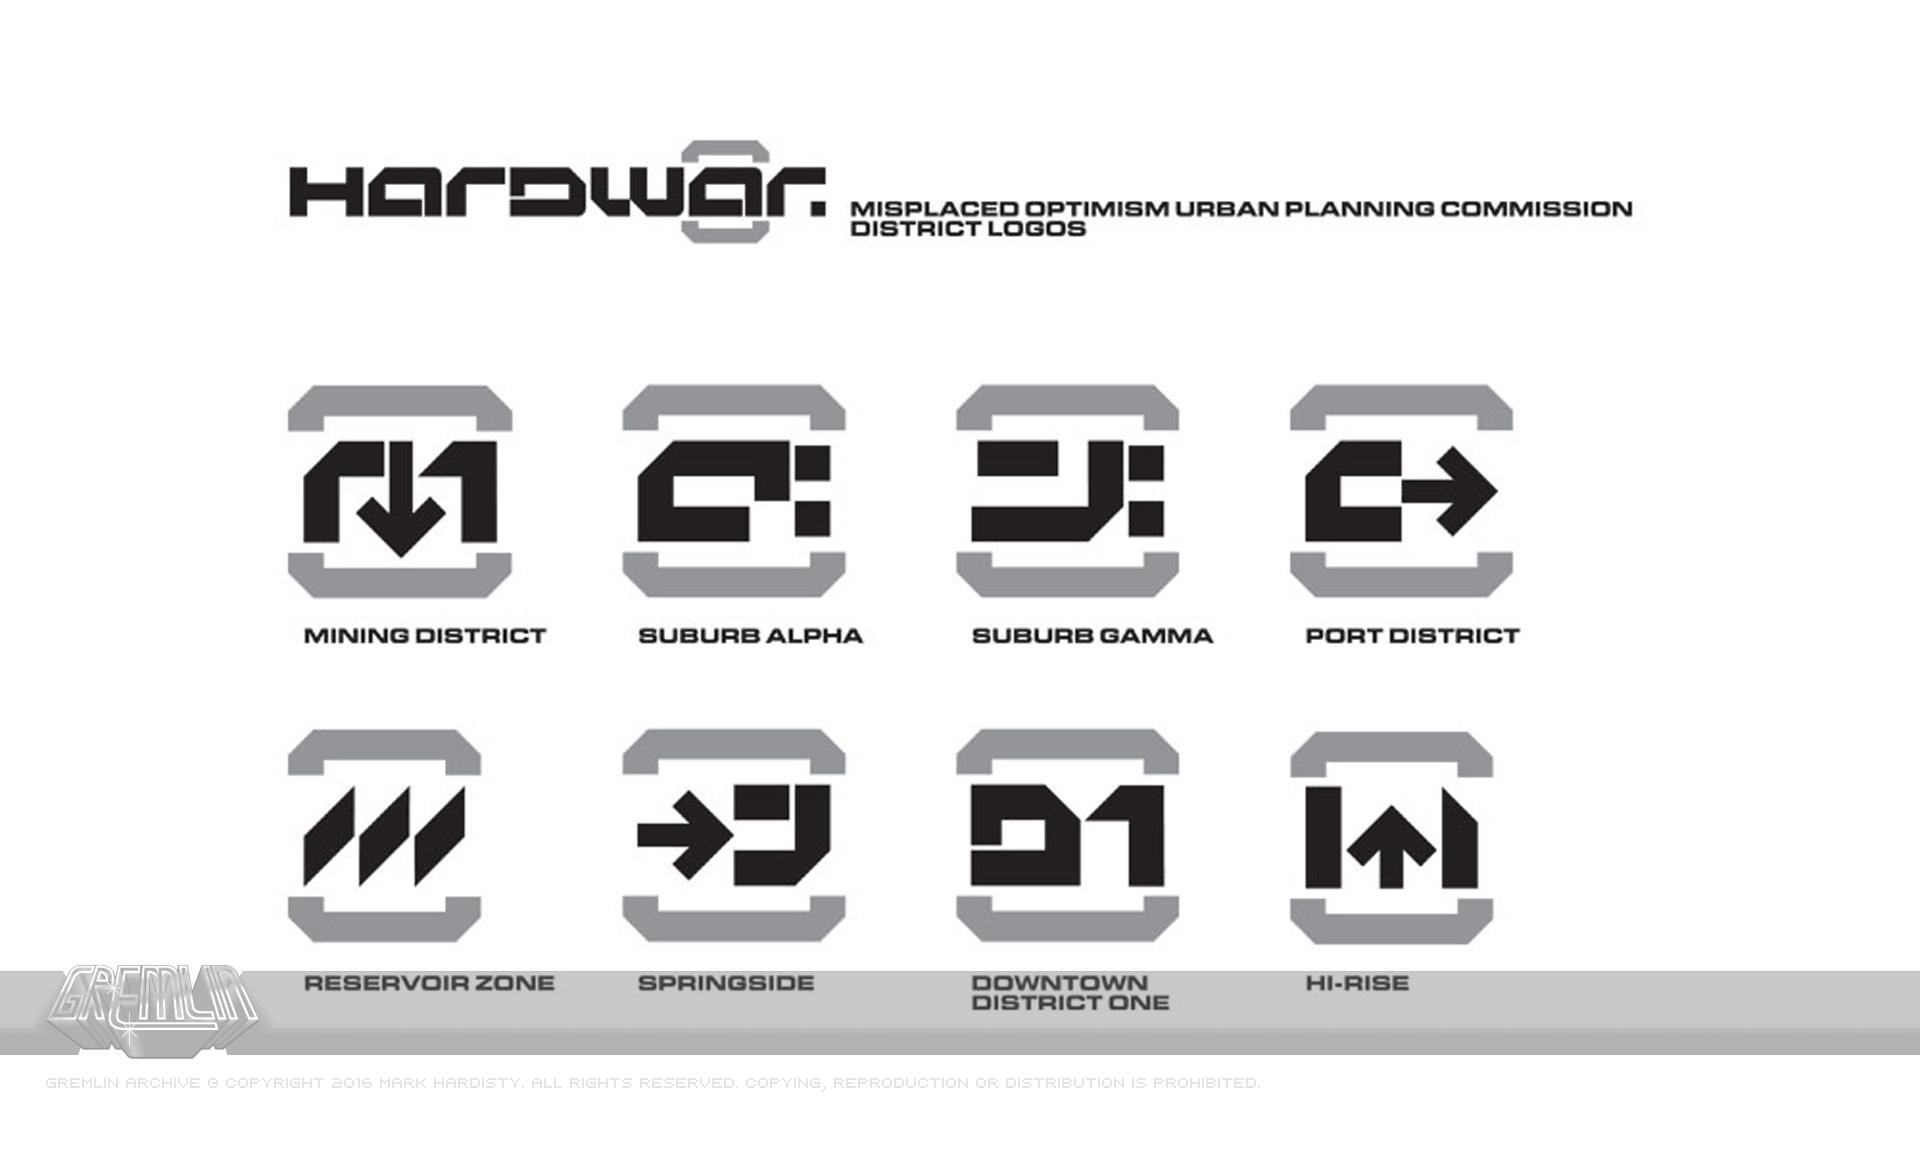 Hardwar – District Logos